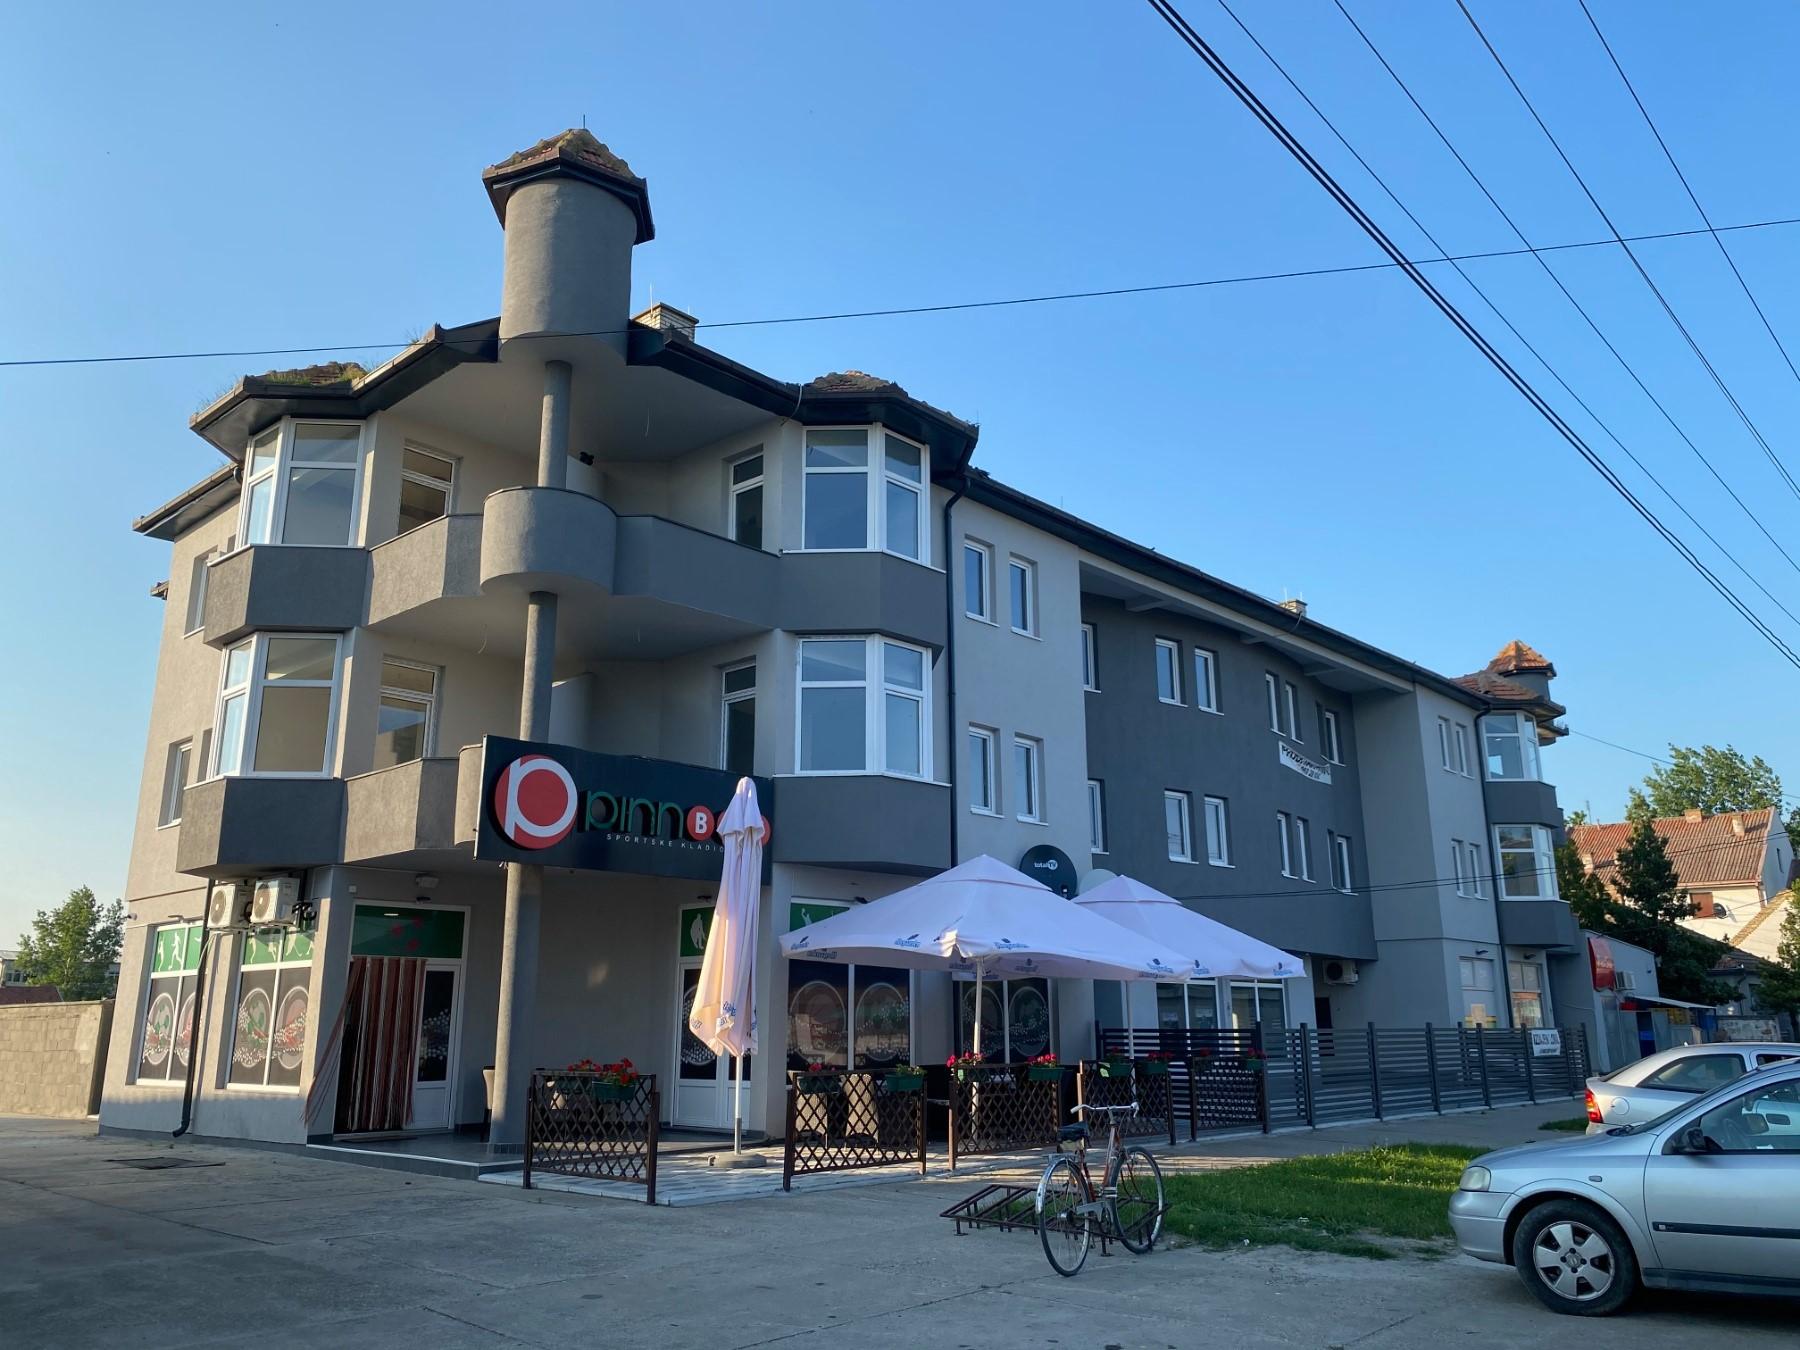 Nove cene stanova u Žitištu